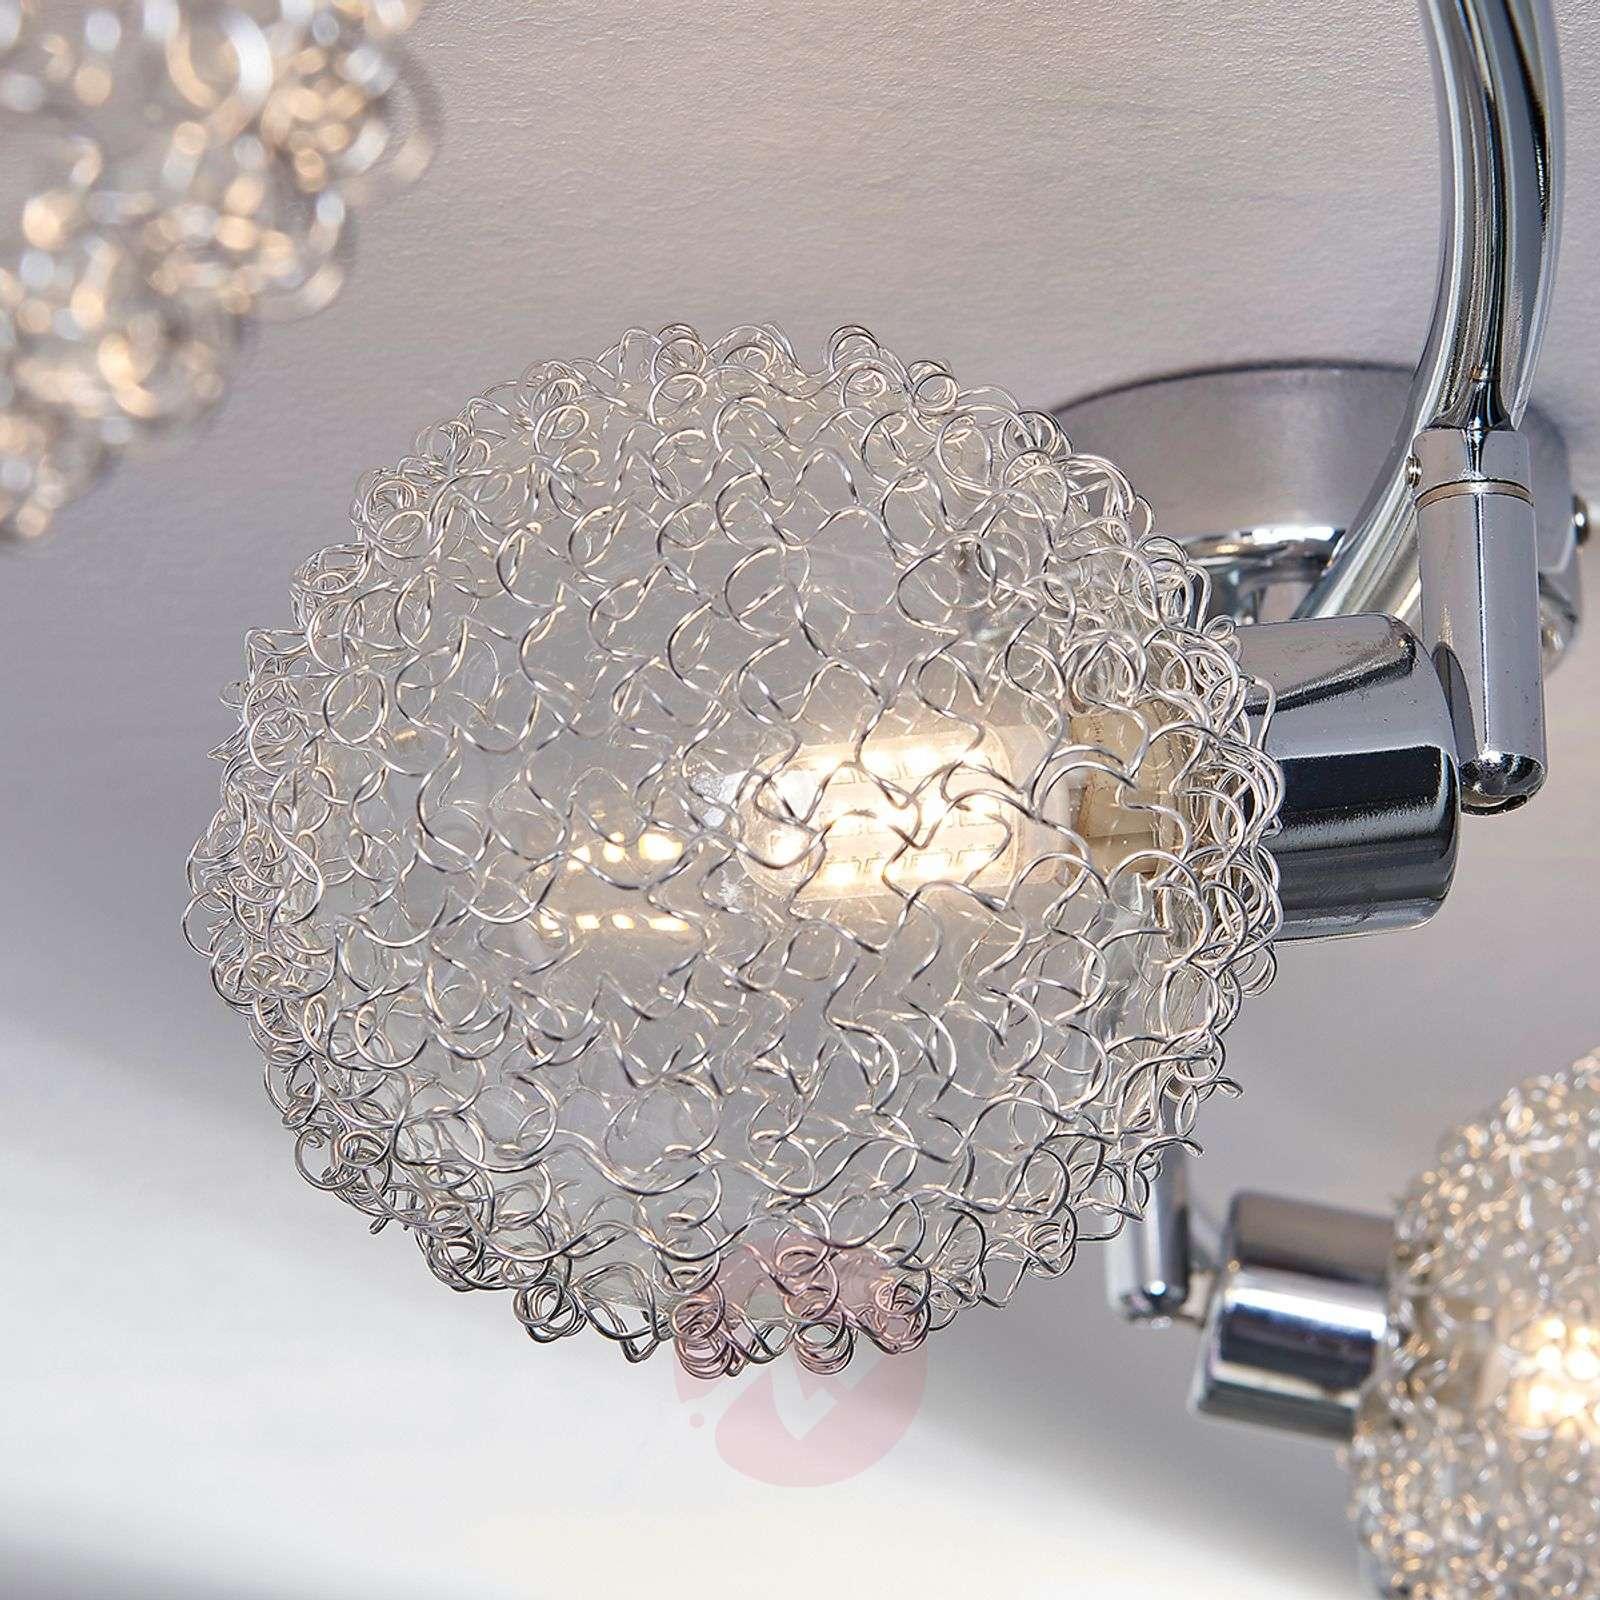 Aaltomainen G9-kattovalaisin Ticino, LED-lampuilla-9620781-03